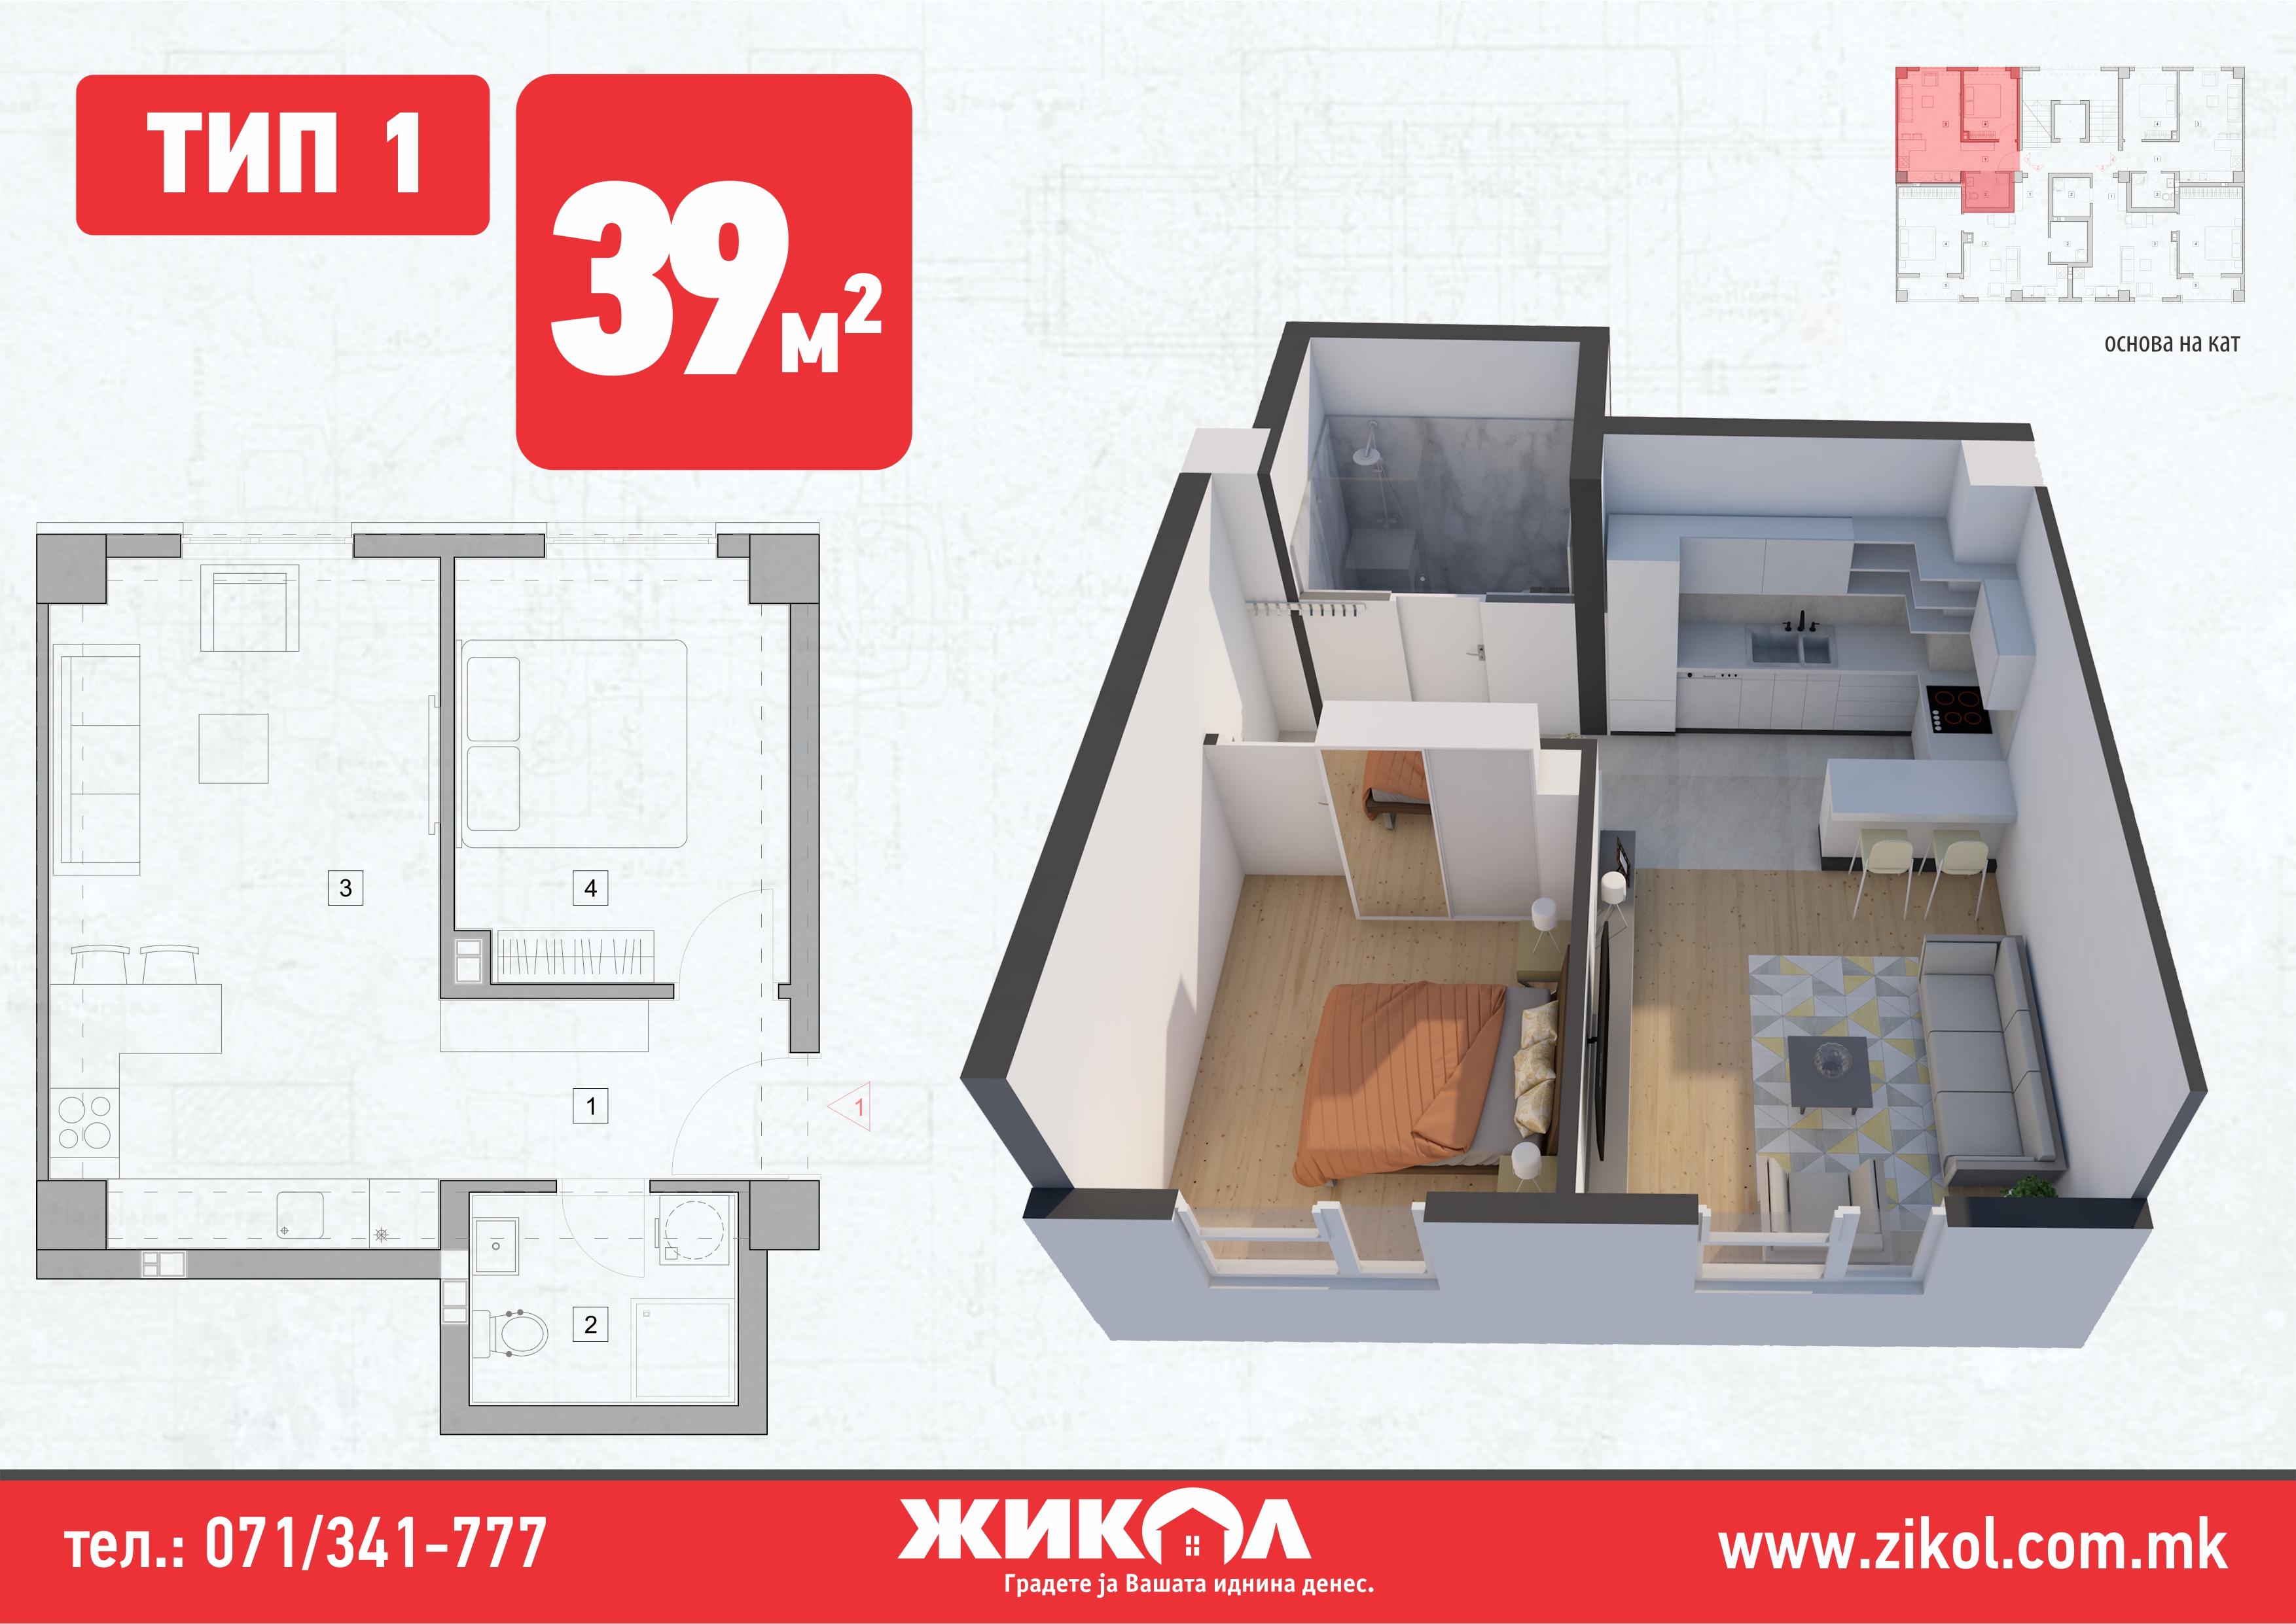 зграда 7, приземје, стан 1